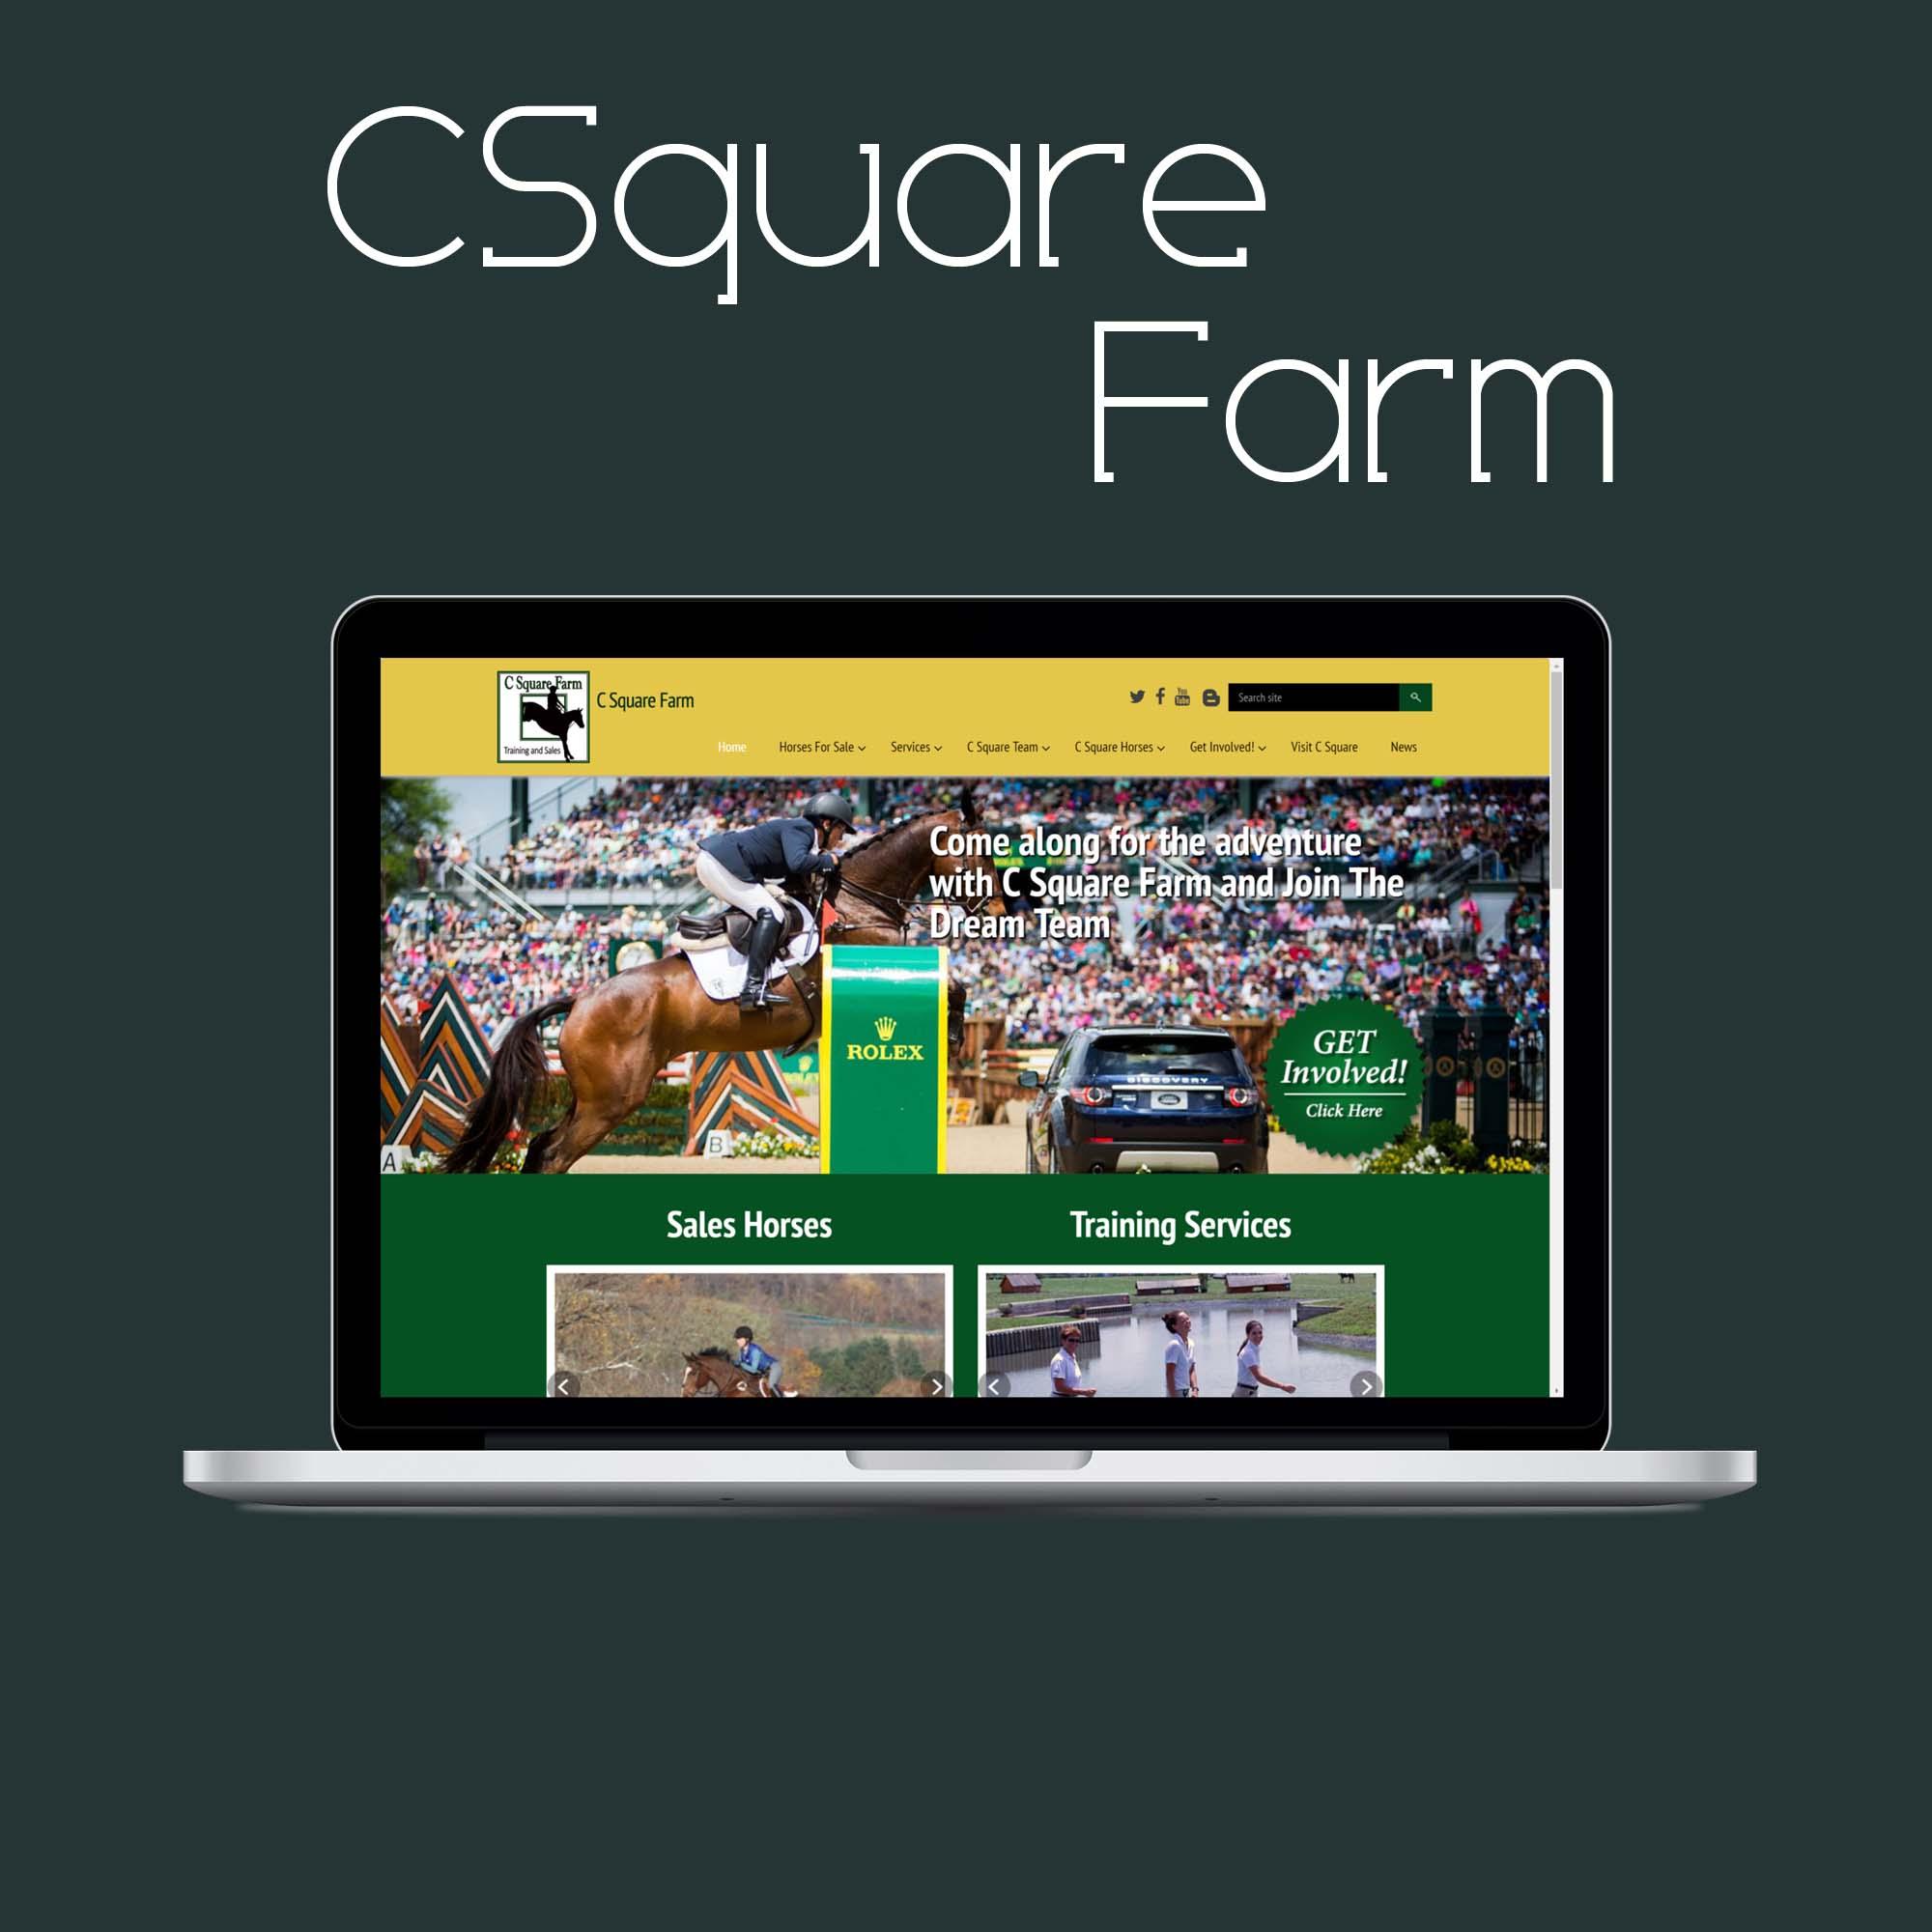 www.csquarefarm